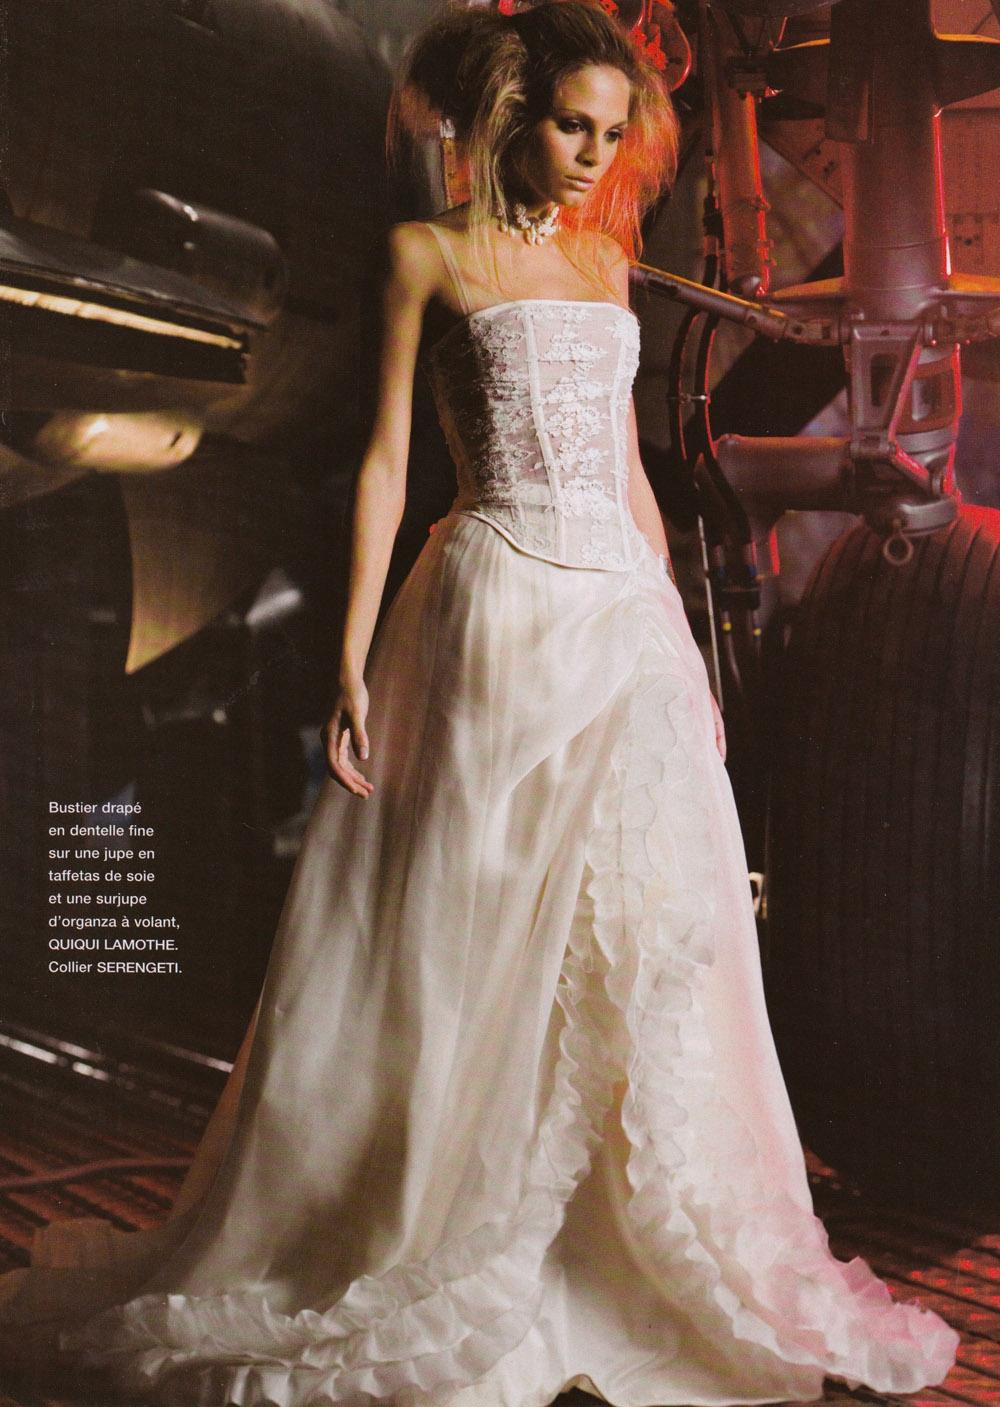 mariages-magazine-quiqui-lamothe-creatrice-designer-de-robe-de-mariee-bustier-dentelle-couture-aix-e